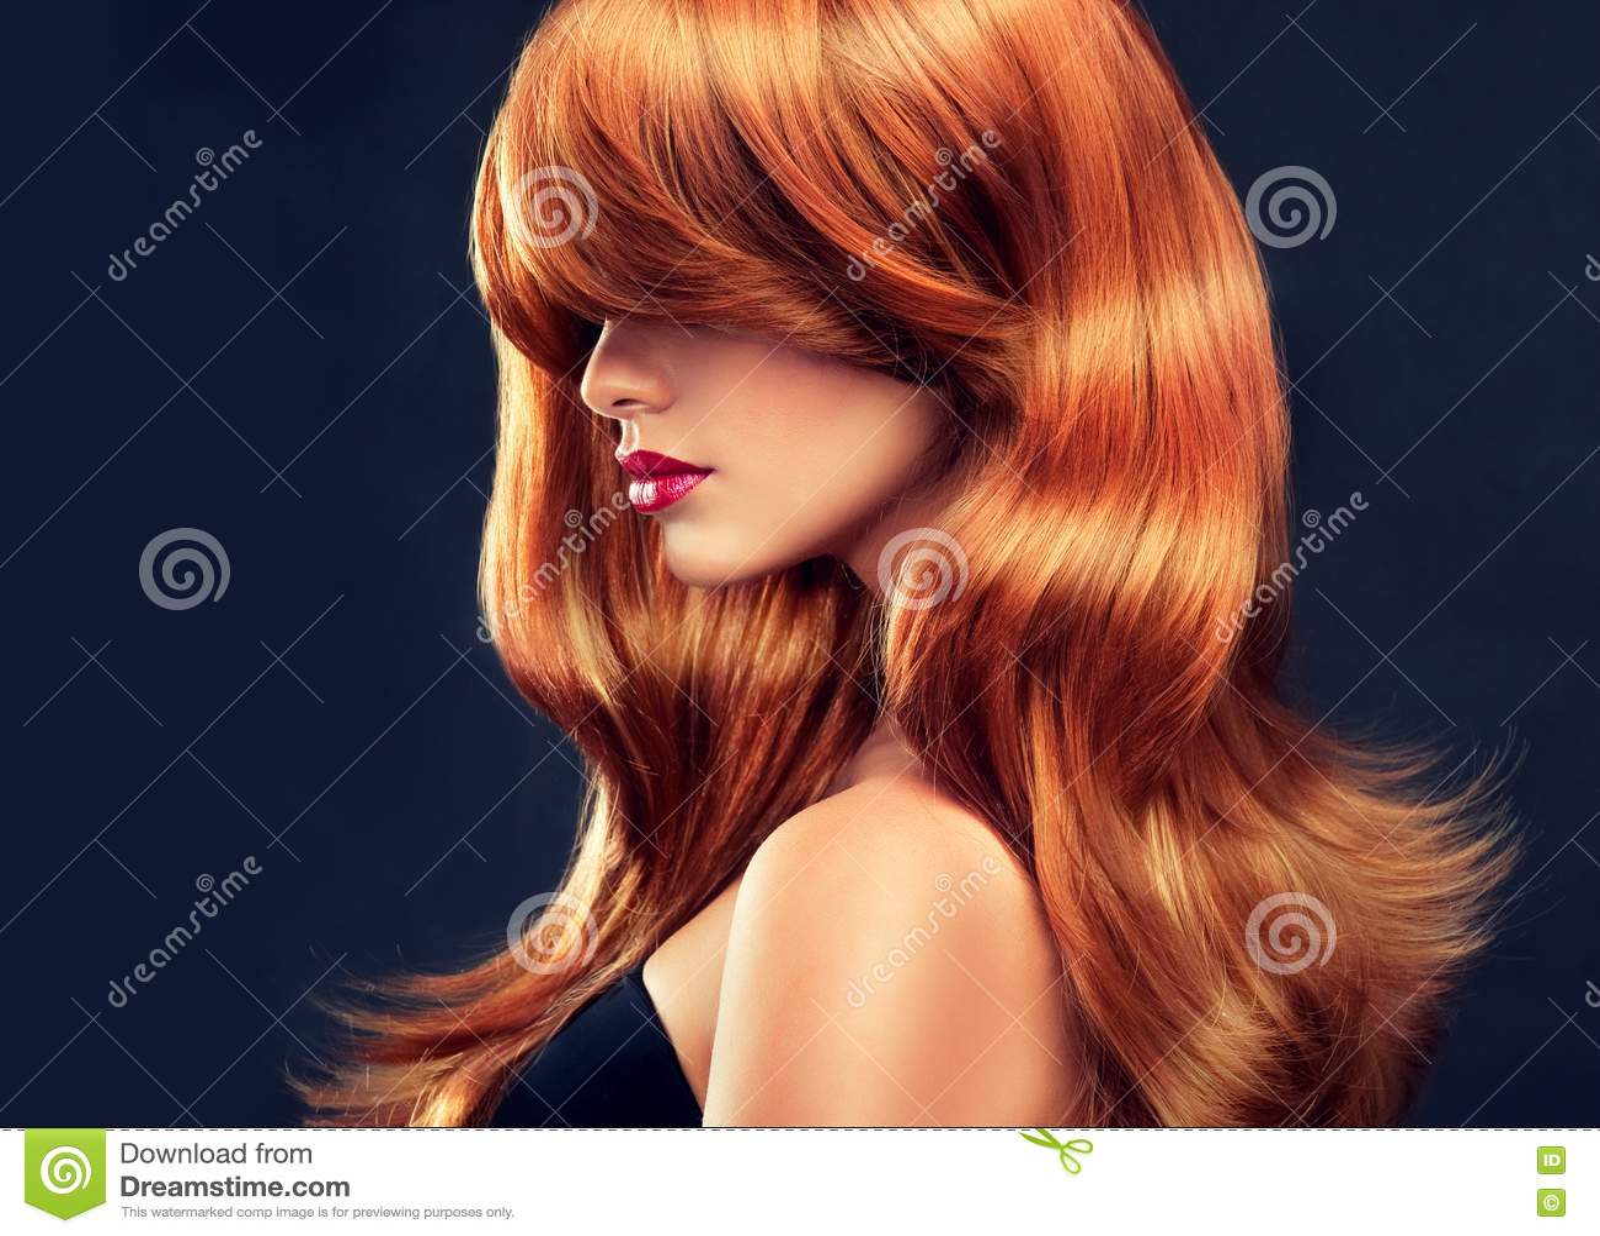 Картинки красивые девушки красными волосами